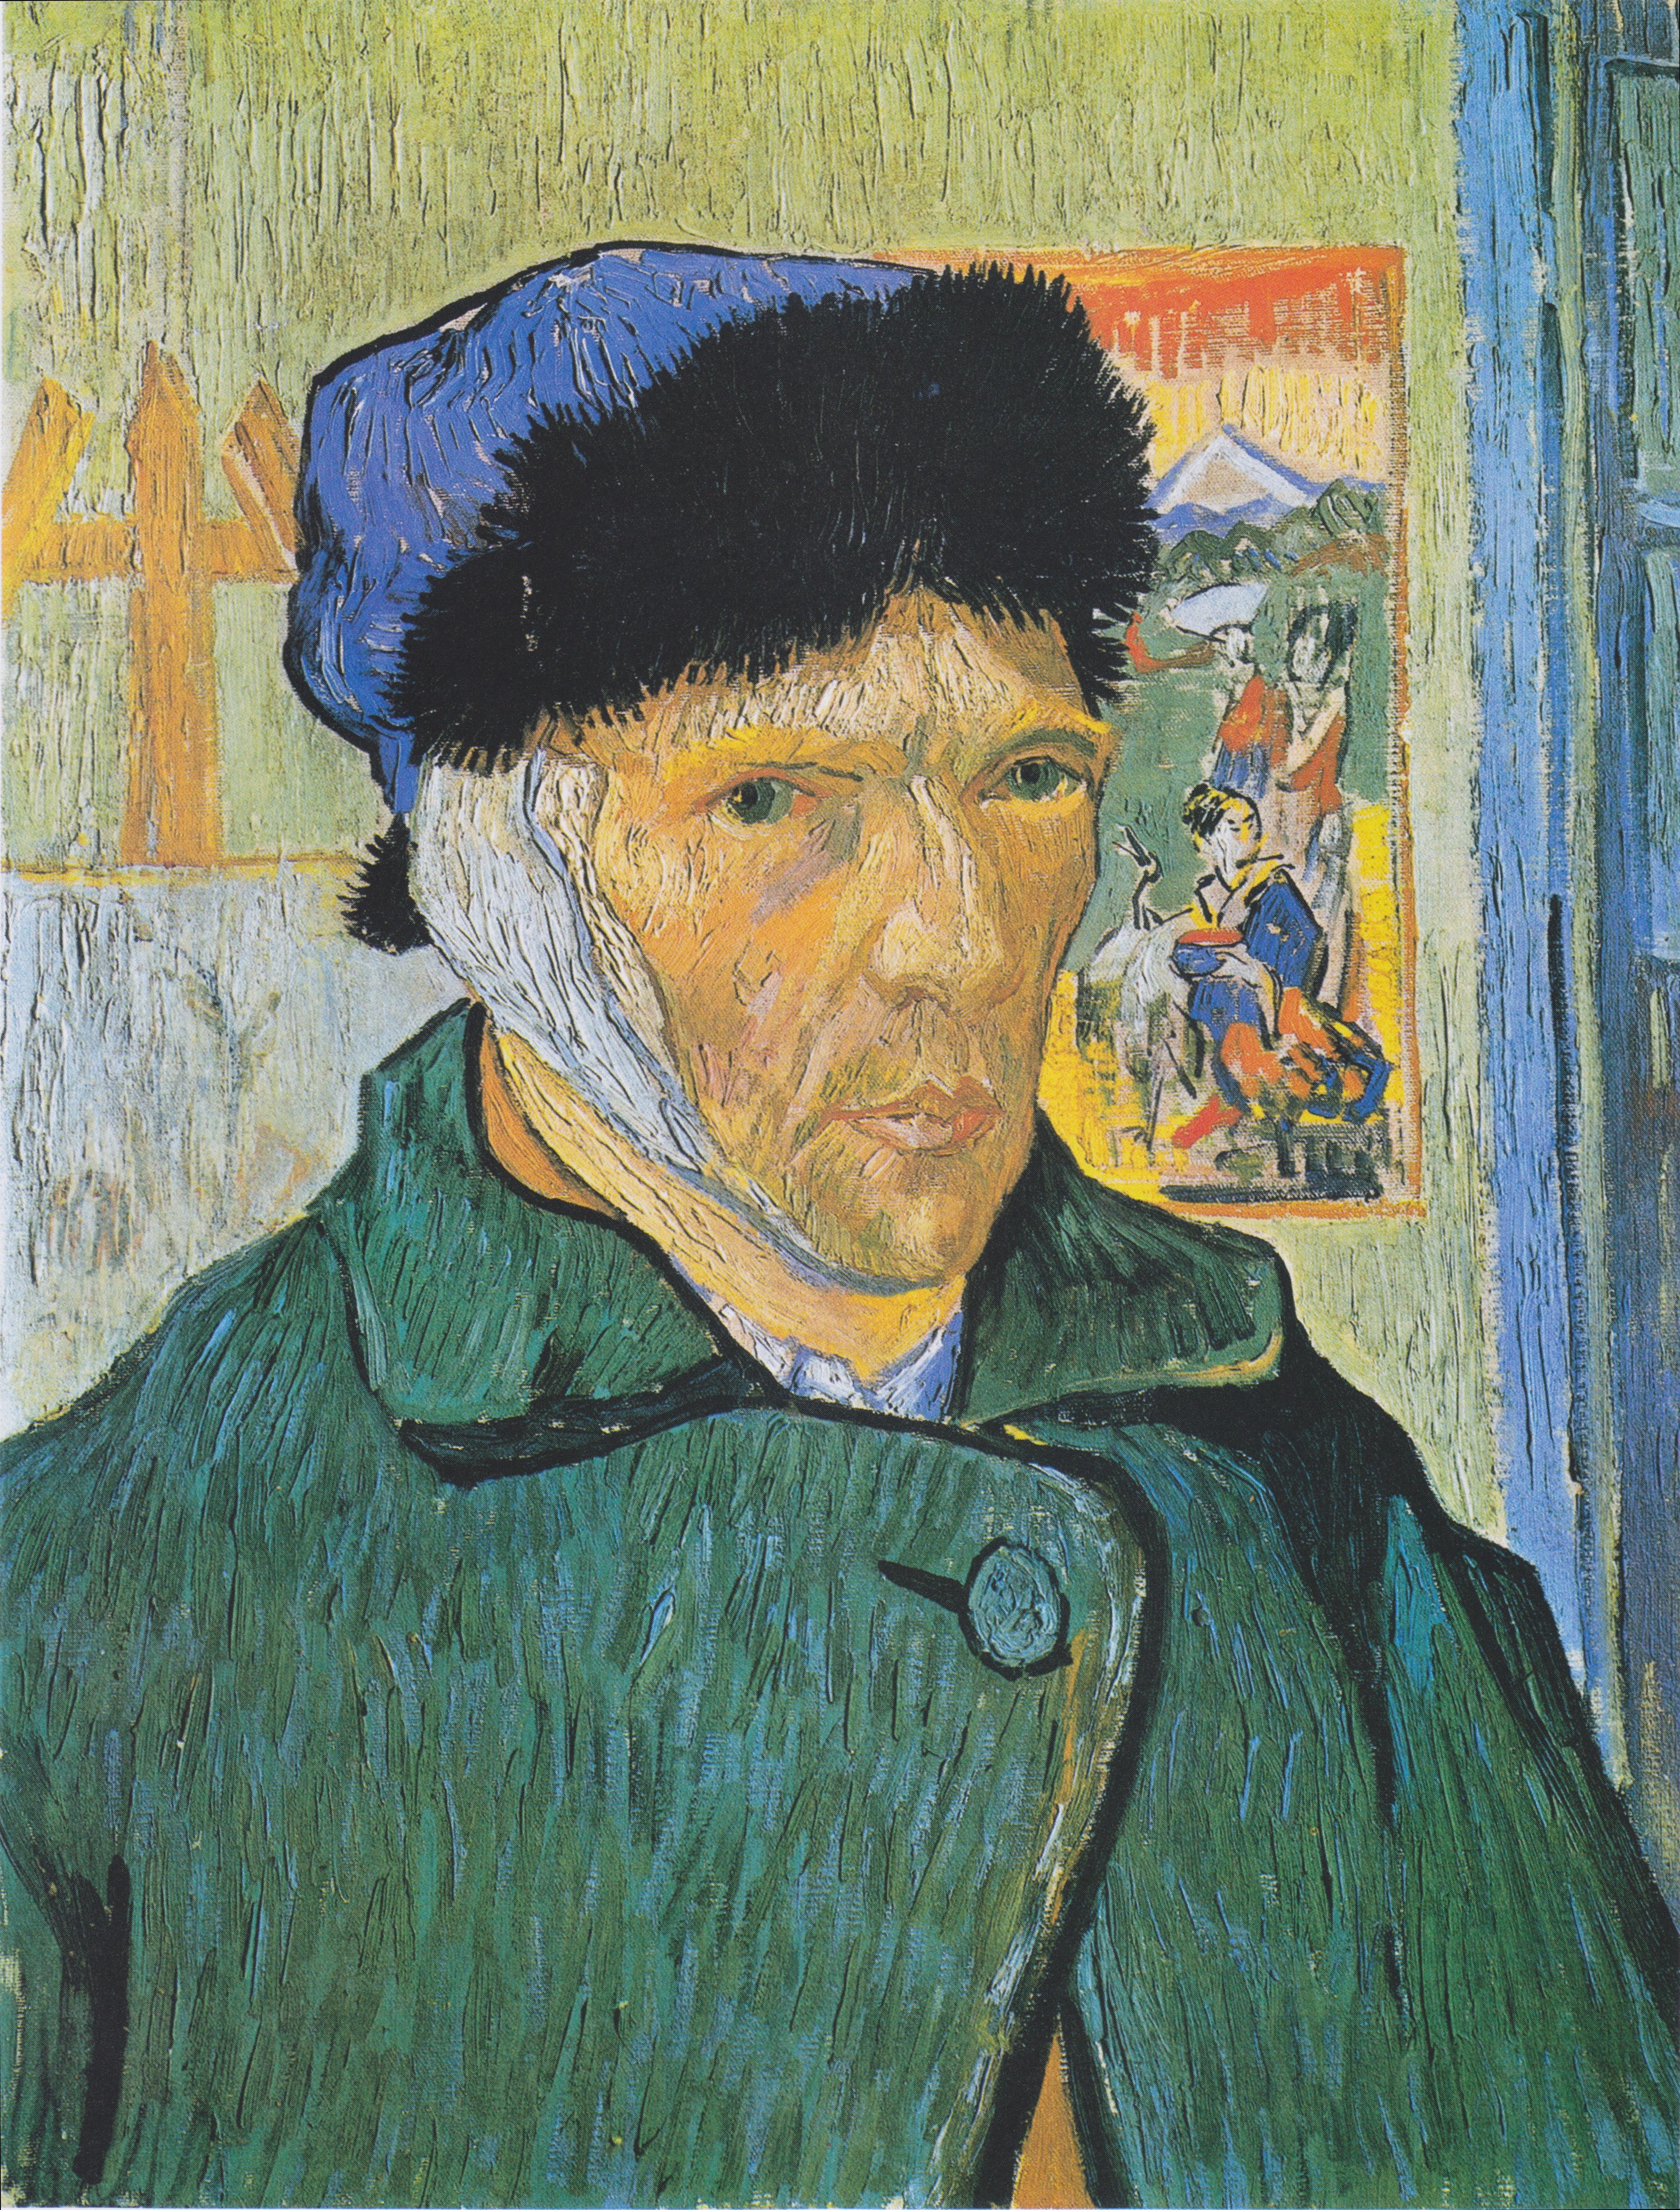 Винсент ван Гог (1853-1890). Автопортрет с перевязанный ухом. 1889. Масло, холст. 60х49 см. Куртланд, Лондон. Источник  https://upload.wikimedia.org/